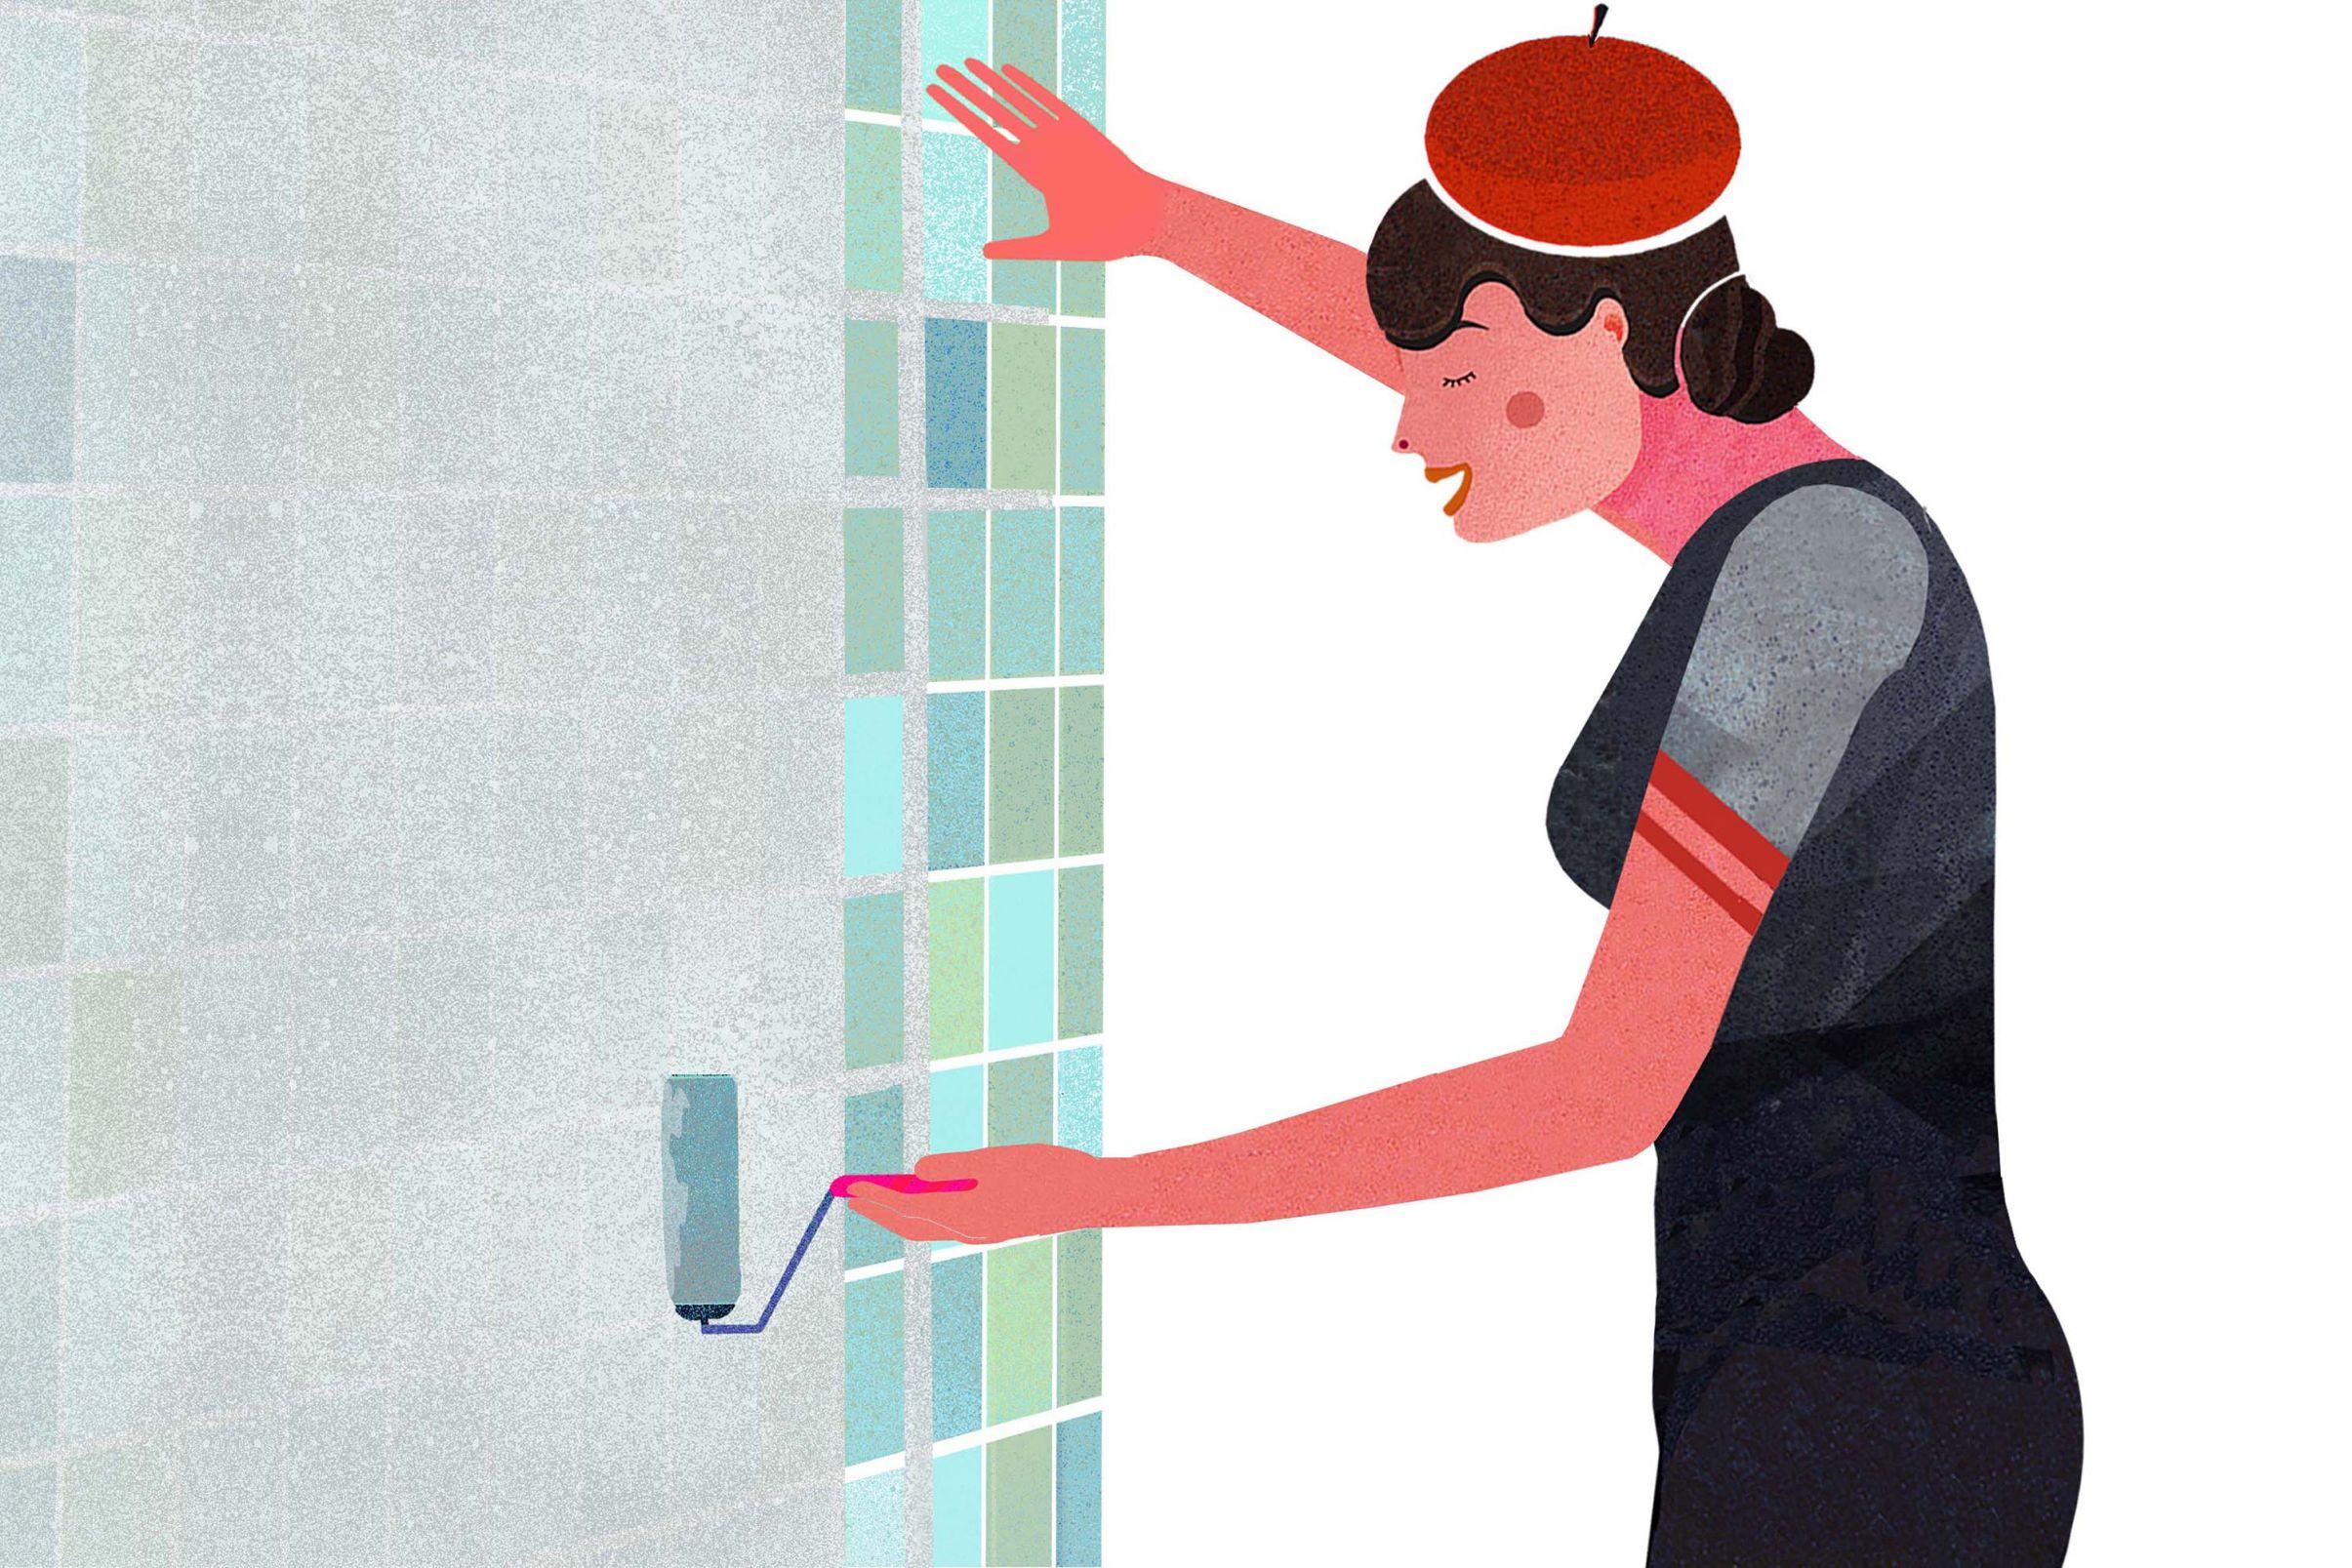 Como-colocar-papel-de-parede-no-banheiro-Aplique-primario-fixador-duas-vezes-e-depois-aplique-forro-de-papel